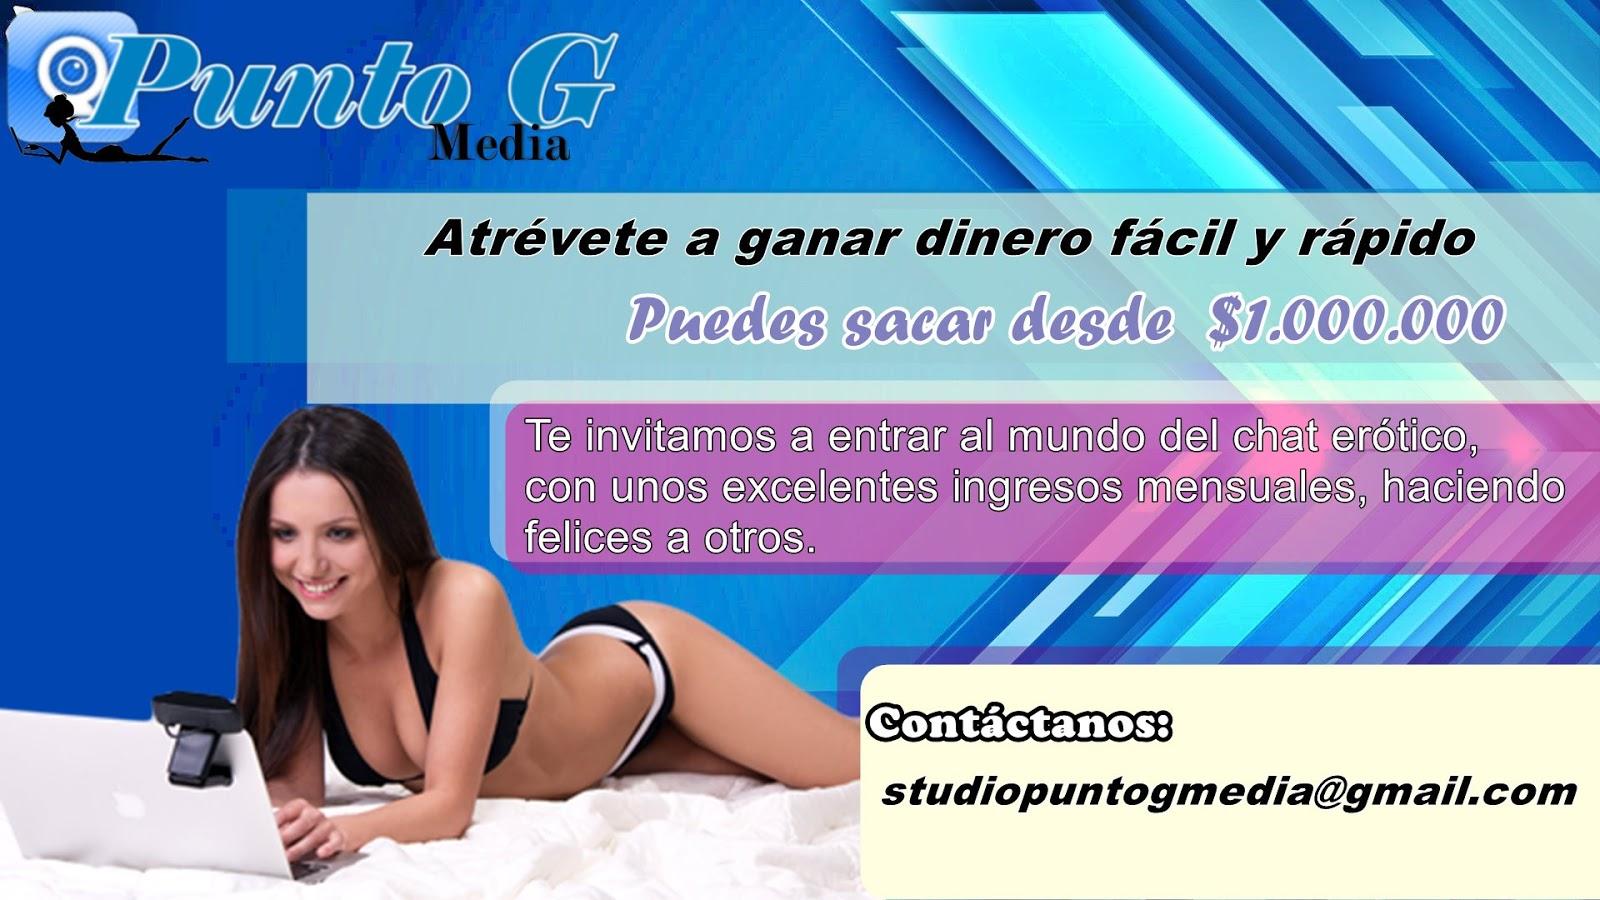 contactanos  Prepagos Medellin - Escorts Medellin - Modelos Web Cam